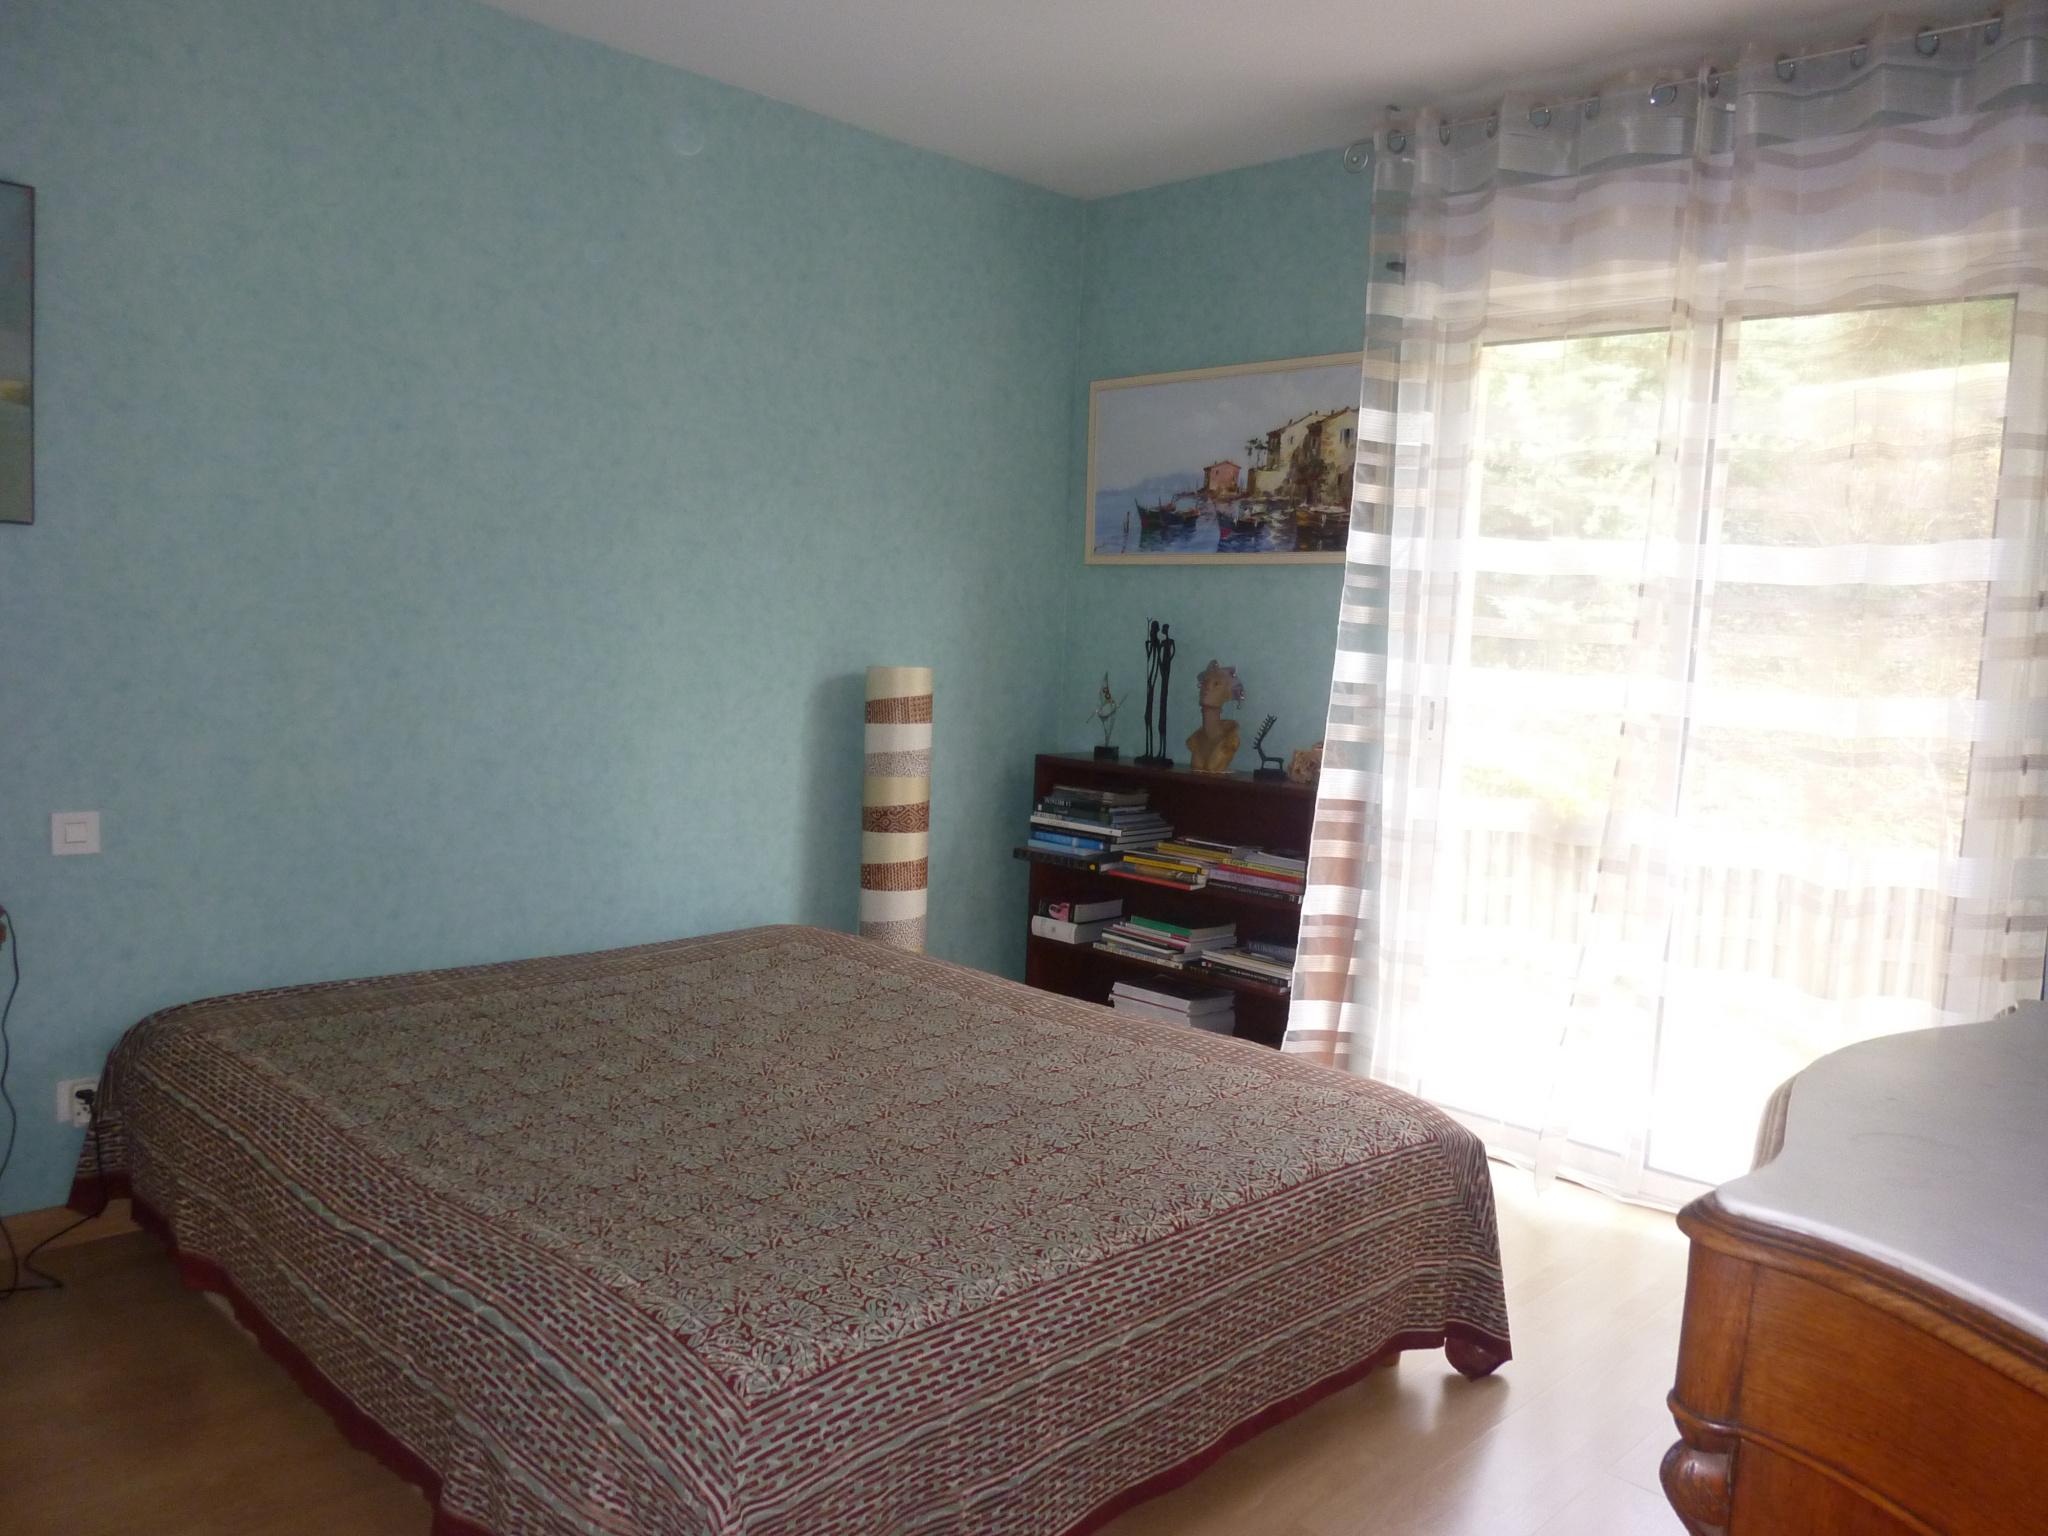 Chambre 1 (avec salle d'eau privative et placard).